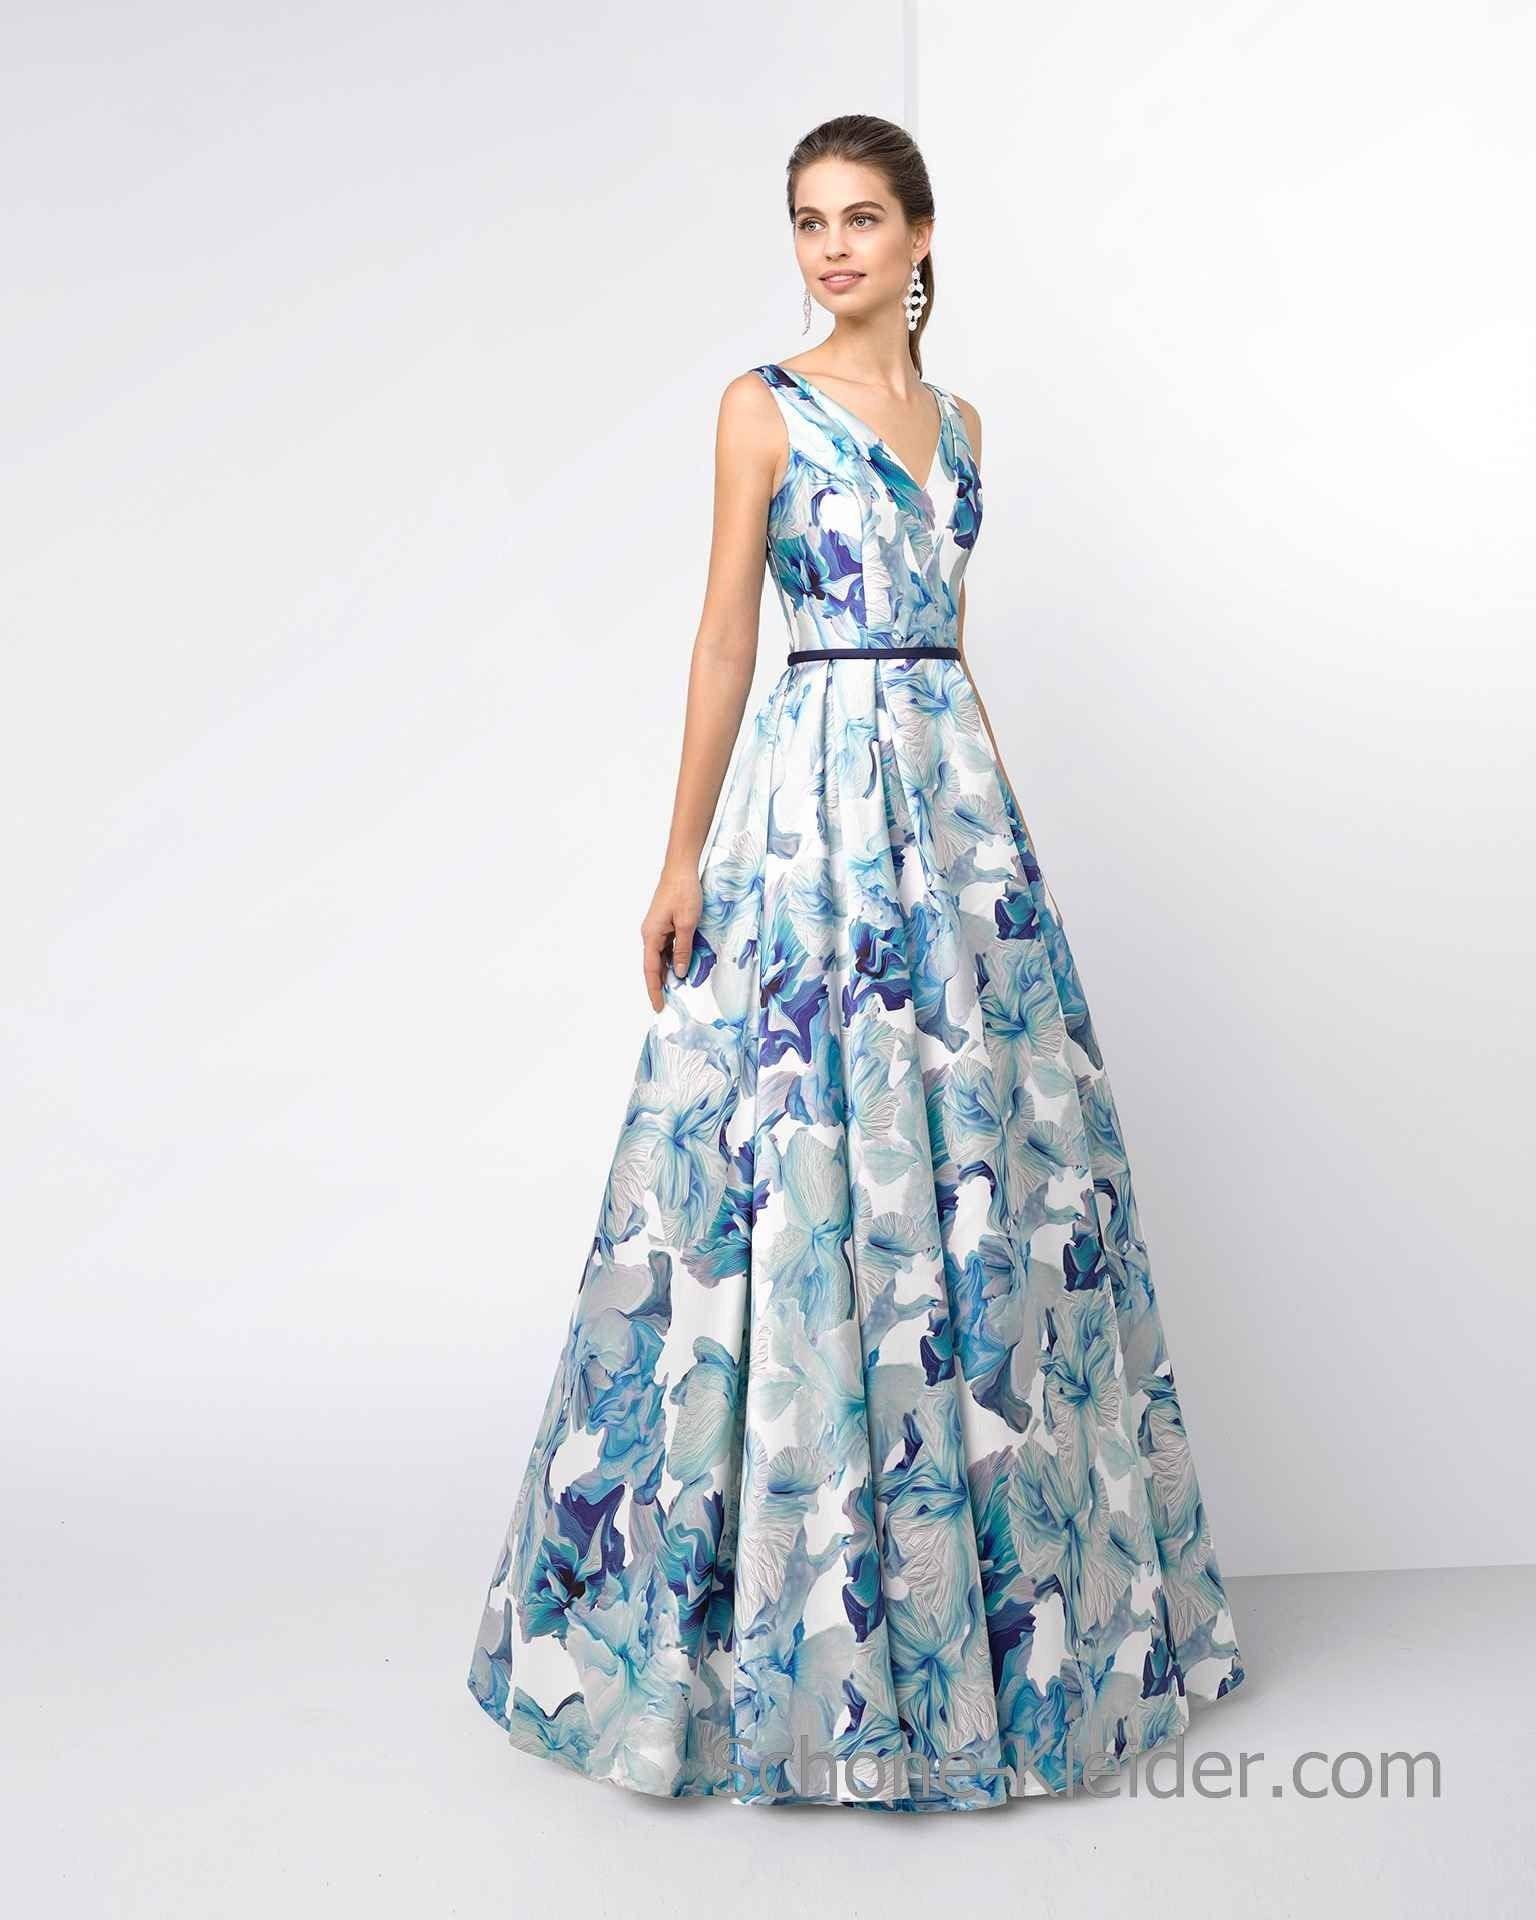 Schön Kleid Besonderer Anlass StylishFormal Schön Kleid Besonderer Anlass Vertrieb